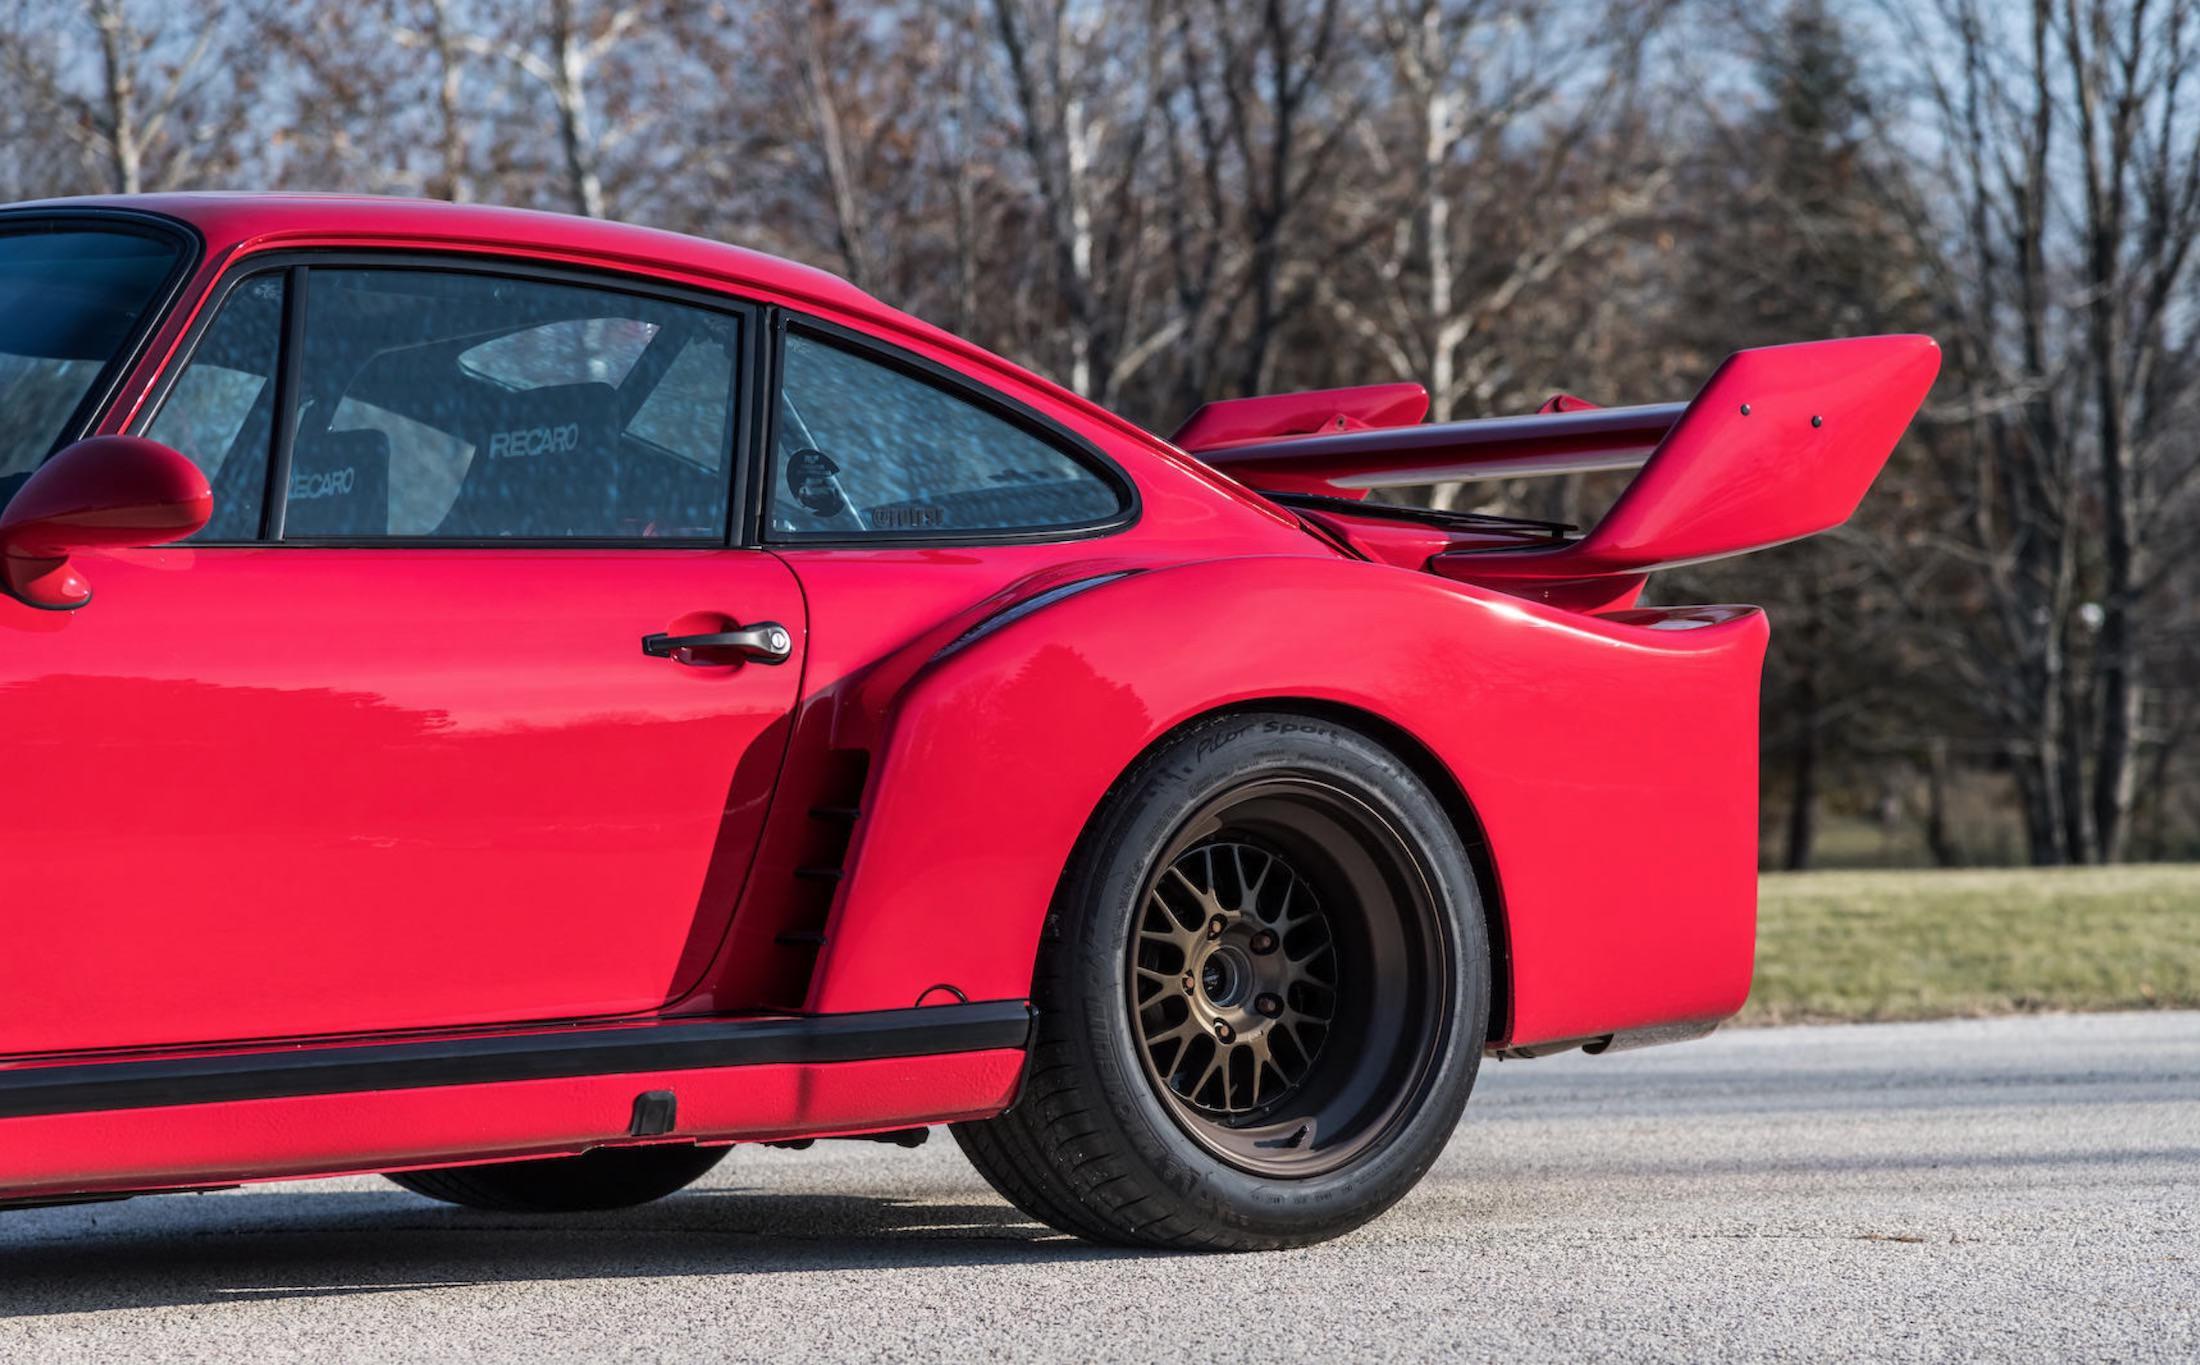 RUF Modified Porsche 911 Rear Wing